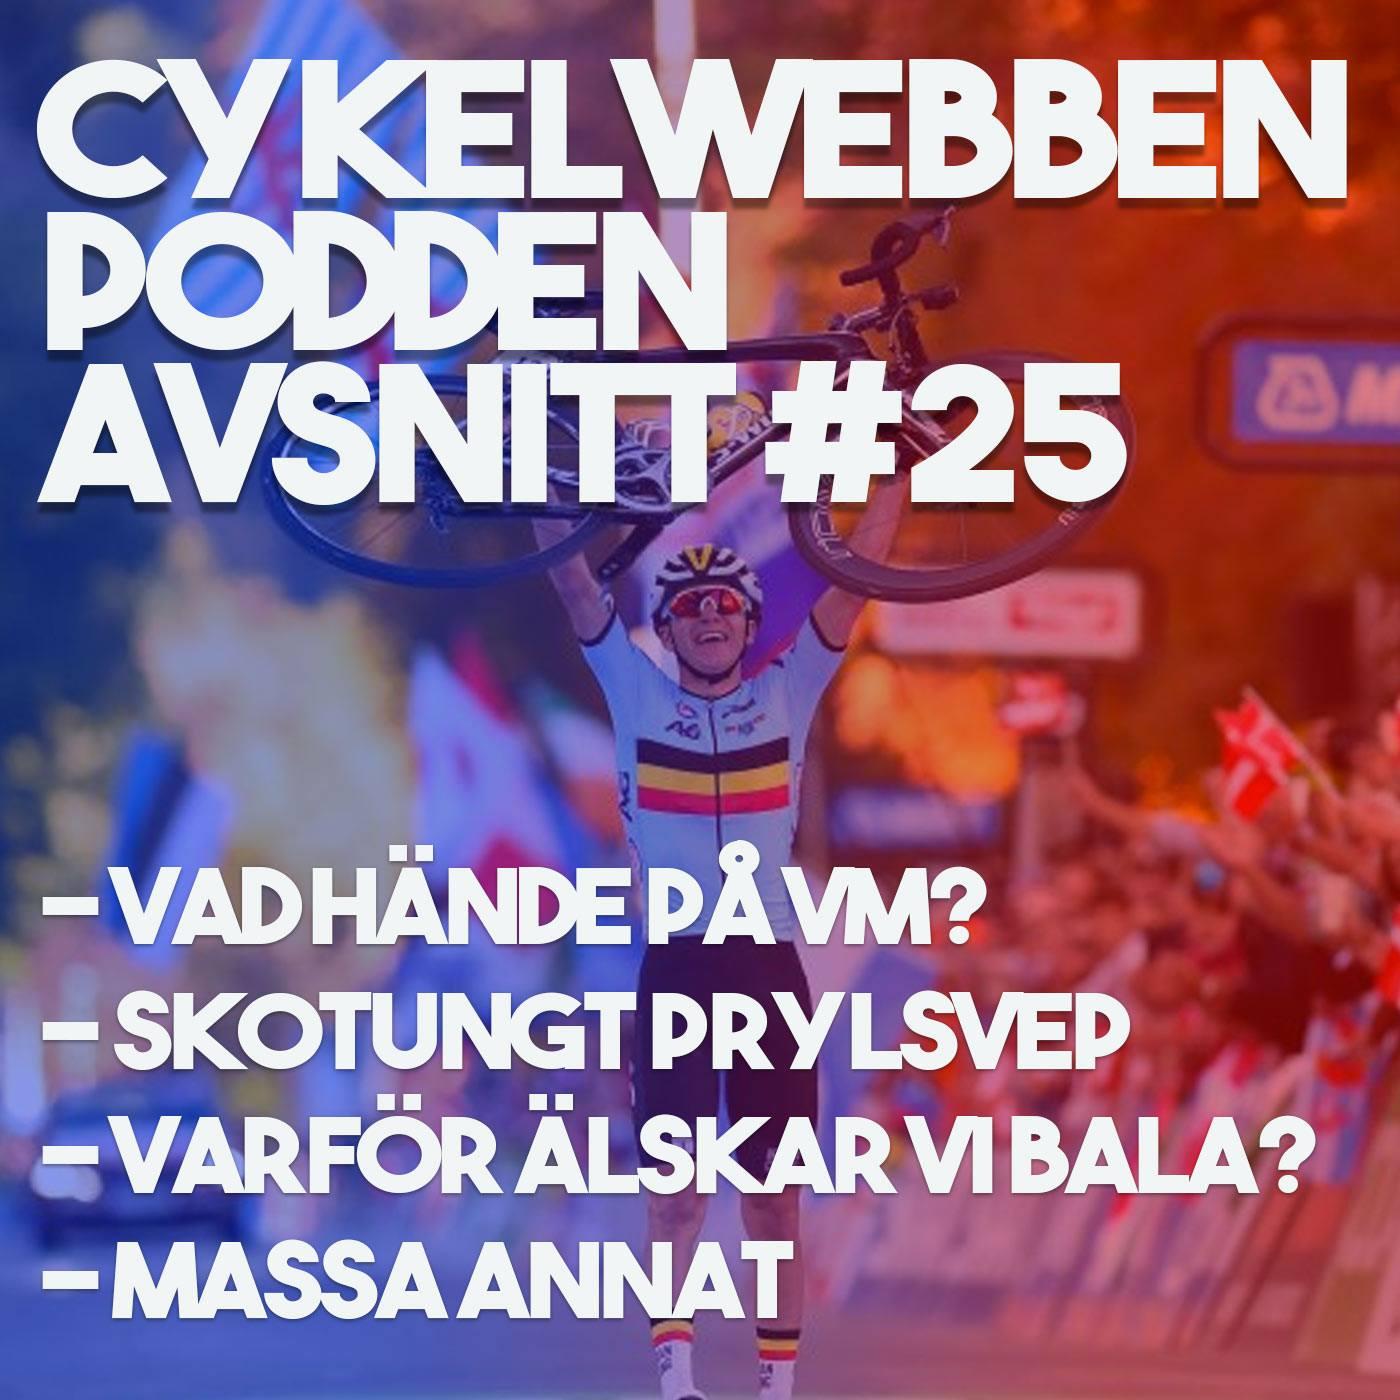 Cykelwebbenpodden avsnitt 25